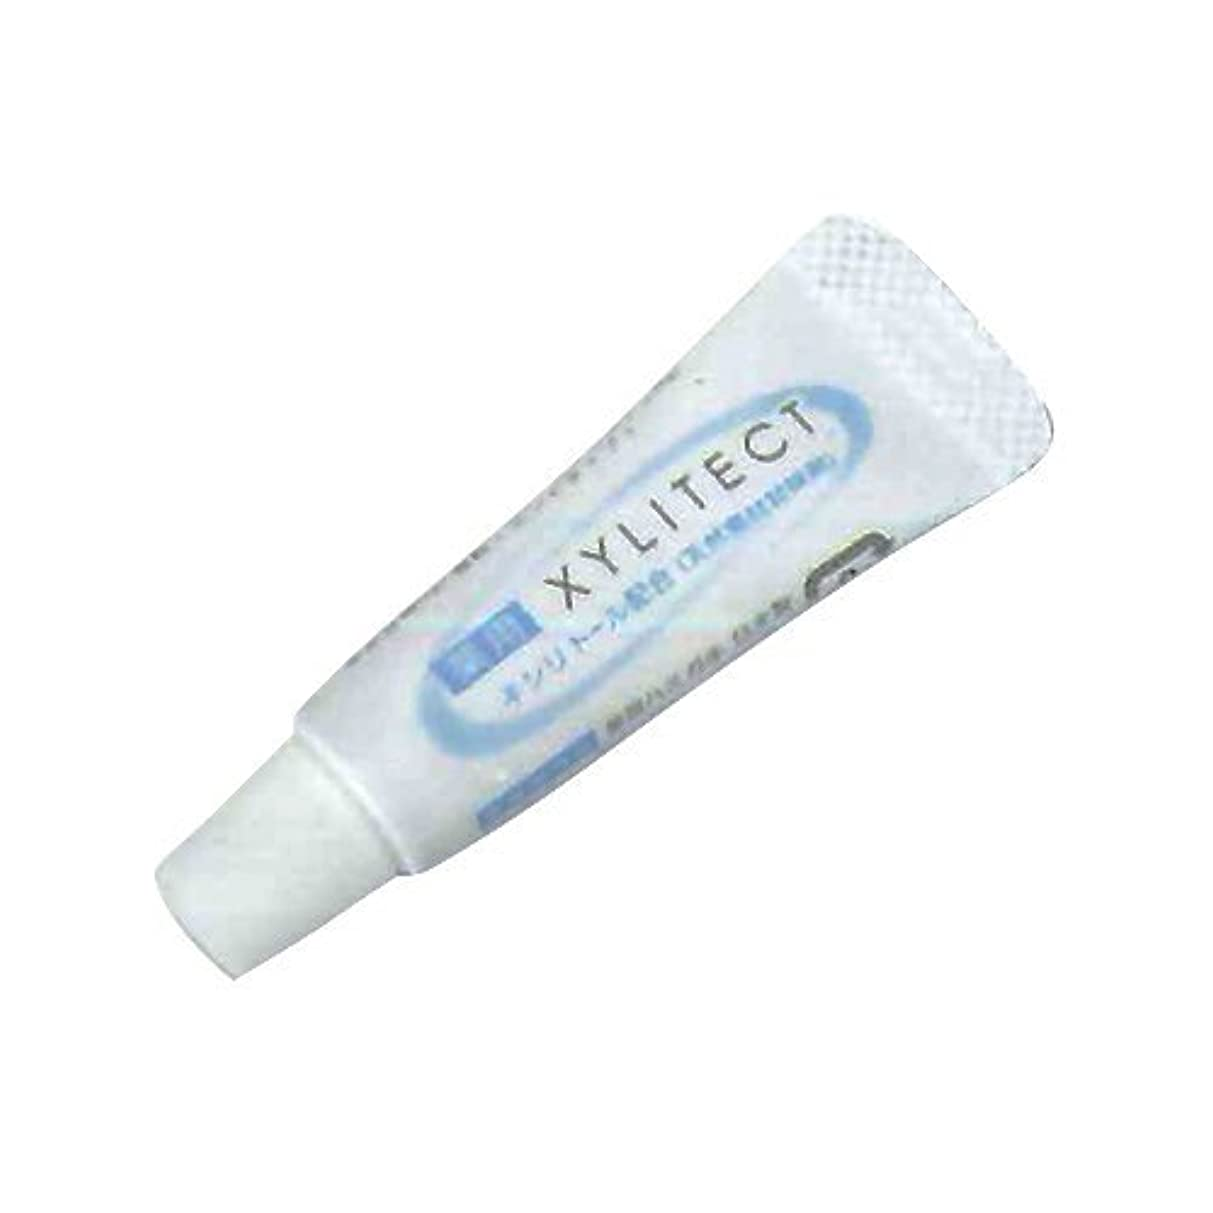 ママ暫定競合他社選手業務用歯磨き粉 薬用キシリテクト (XYLITECT) 4.5g ×200個セット (個包装タイプ)   ホテルアメニティ ハミガキ toothpaste